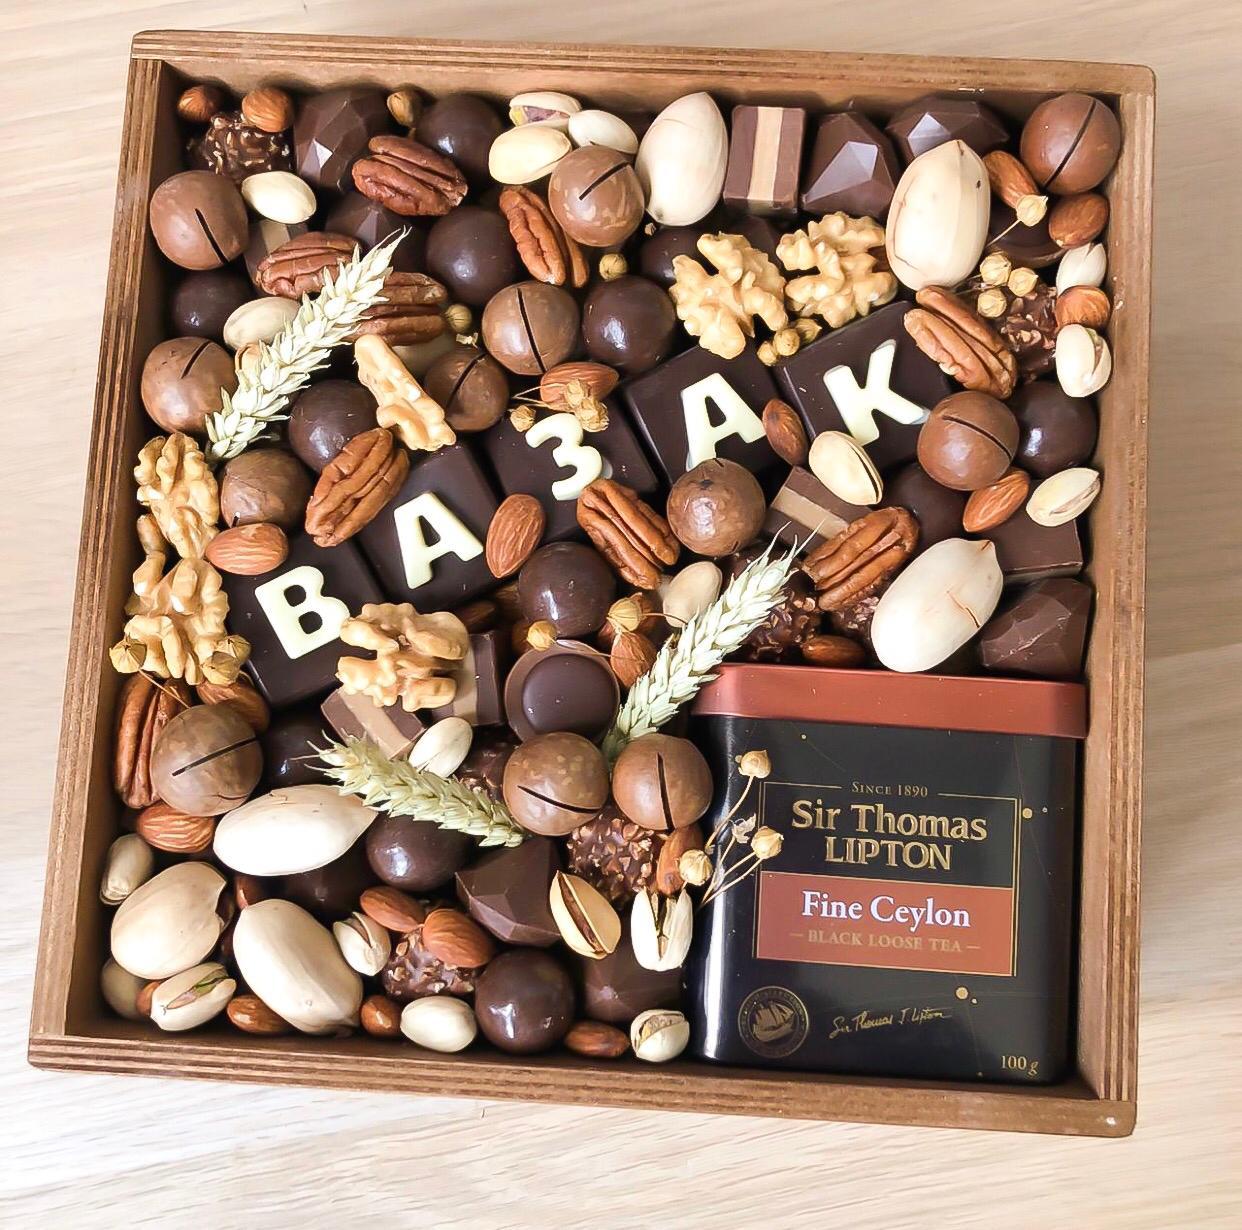 Подарочный набор с чаем, орехами и шоколаднымии конфетами